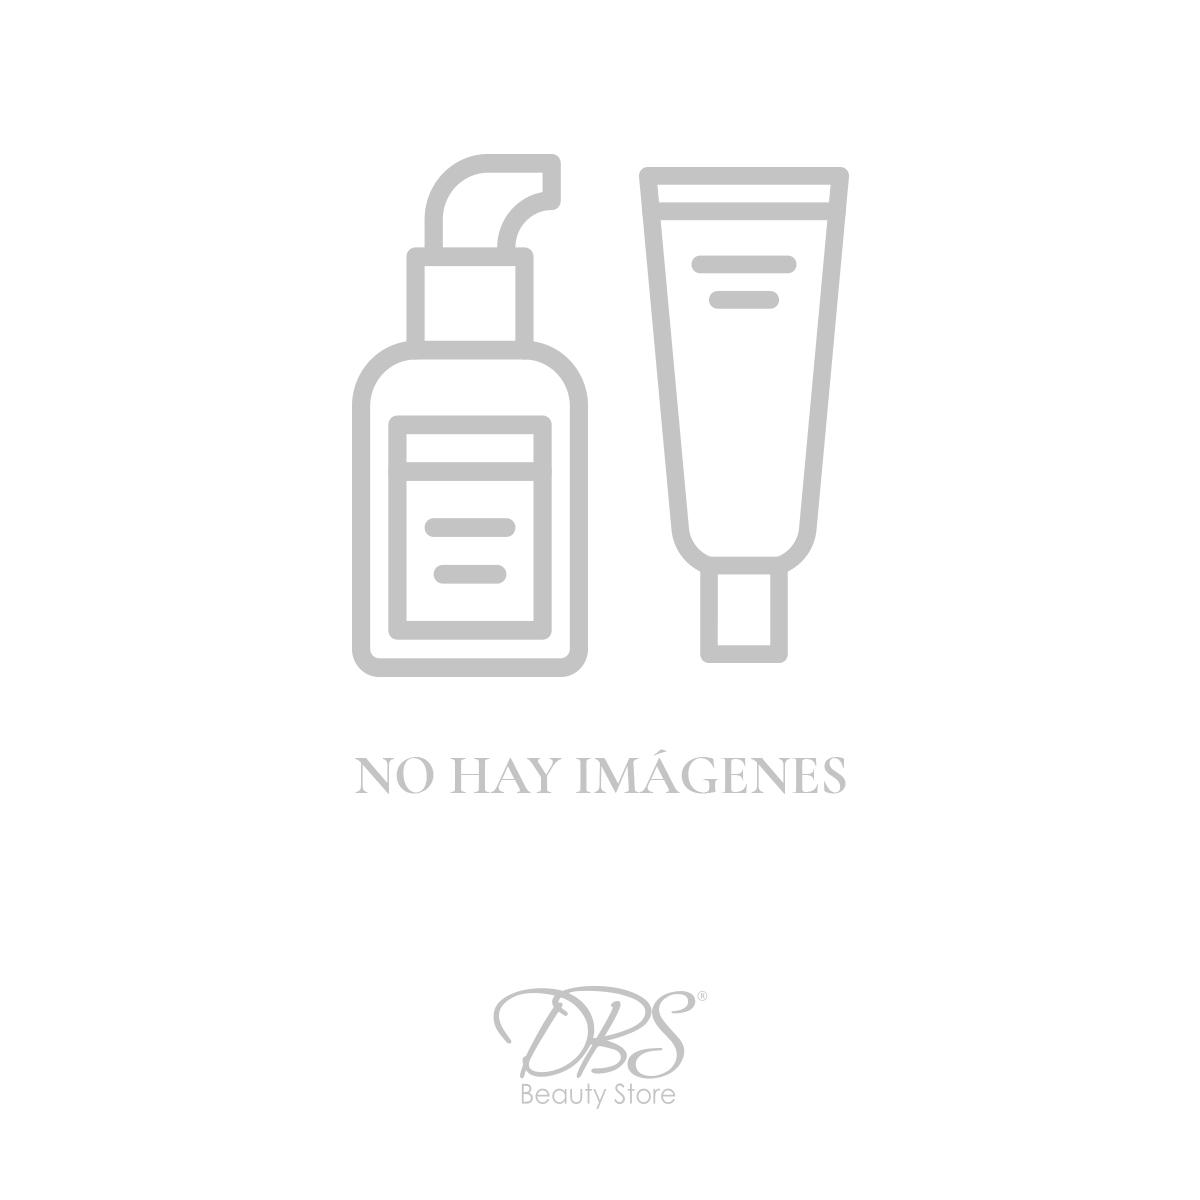 dbs-cosmetics-DBS-LI1066-MP.jpg